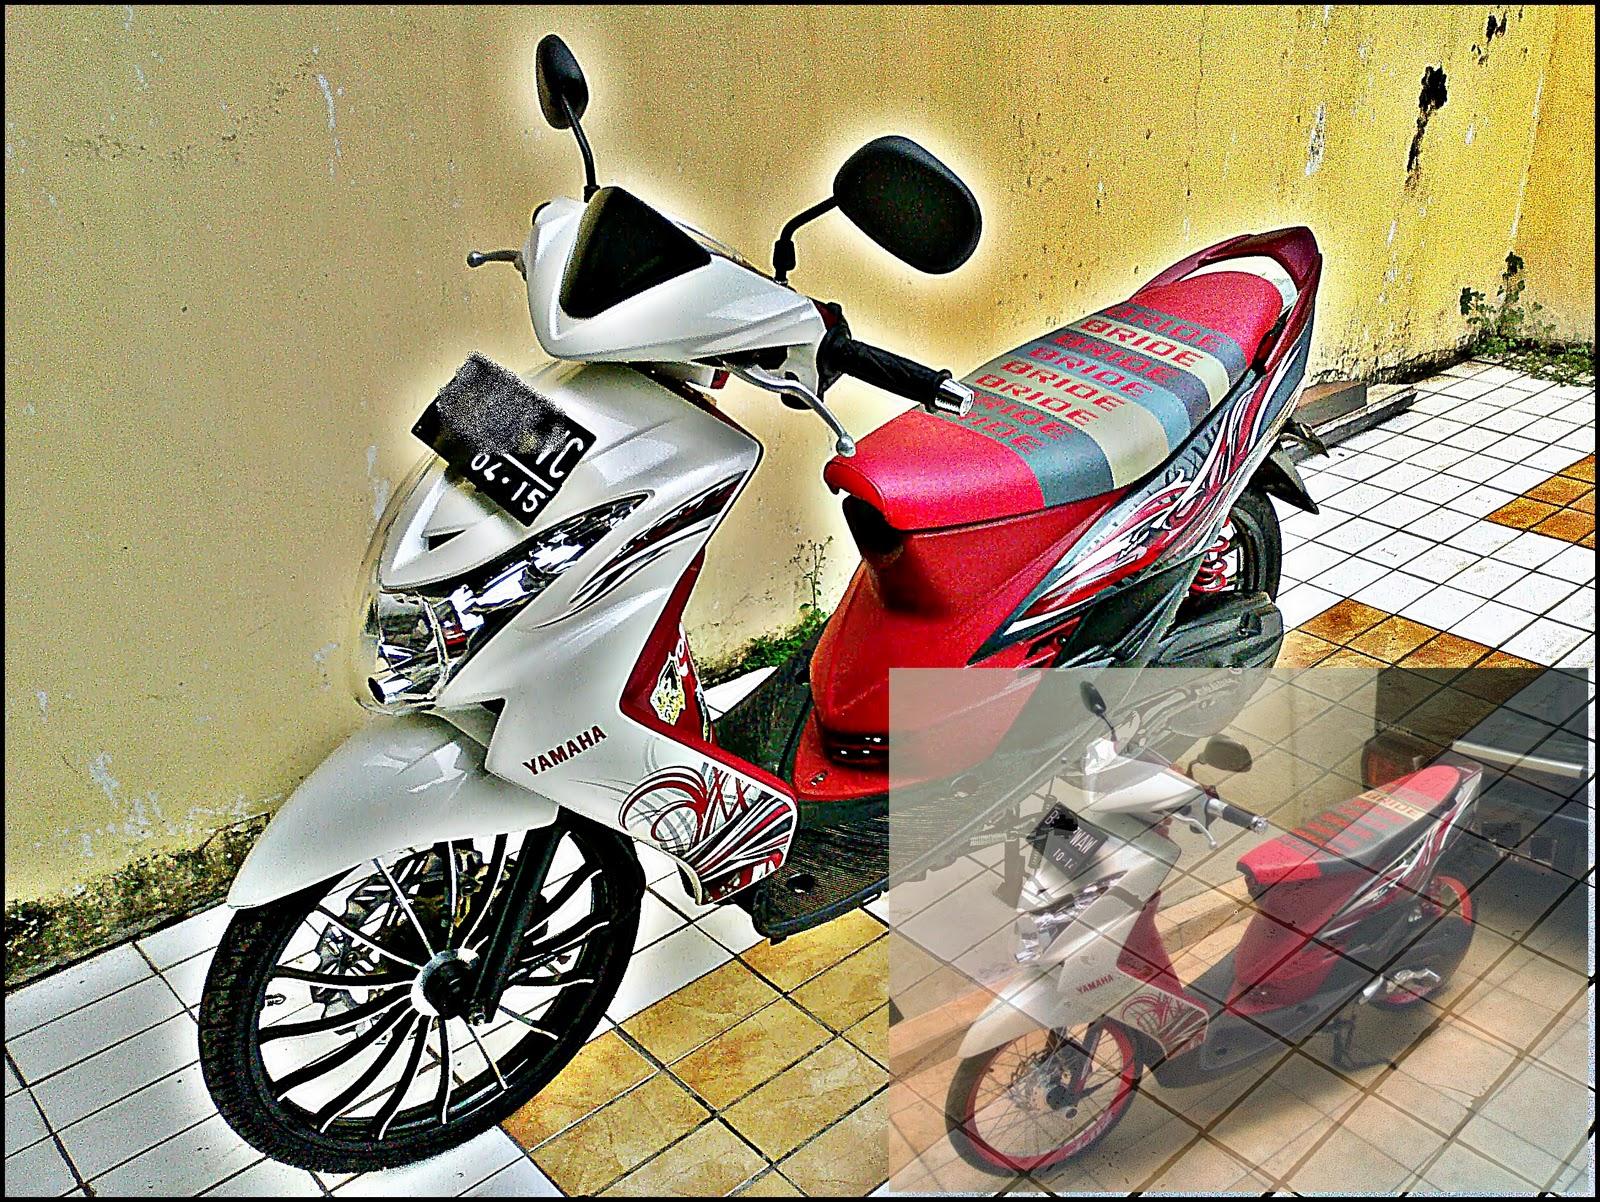 Modif Yamaha Mio Soul Xeon Low Rider Taste Modifikasi Motor Ajilbab